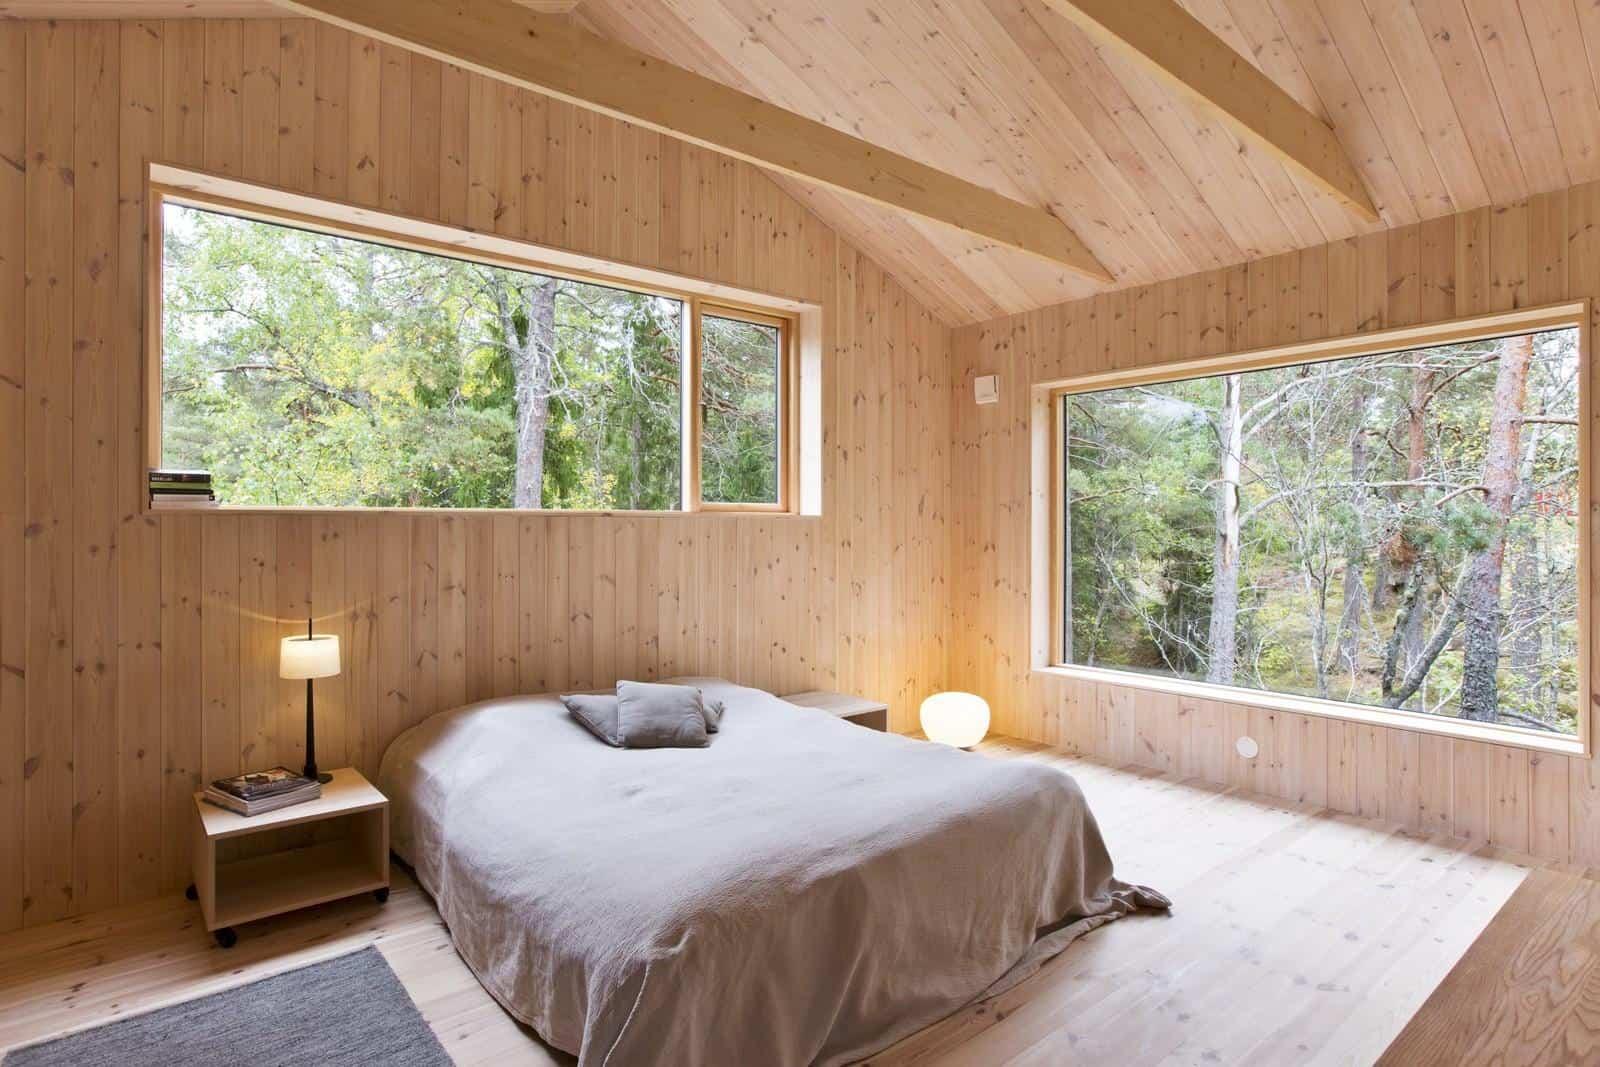 3 Simple Wooden Bedroom Design